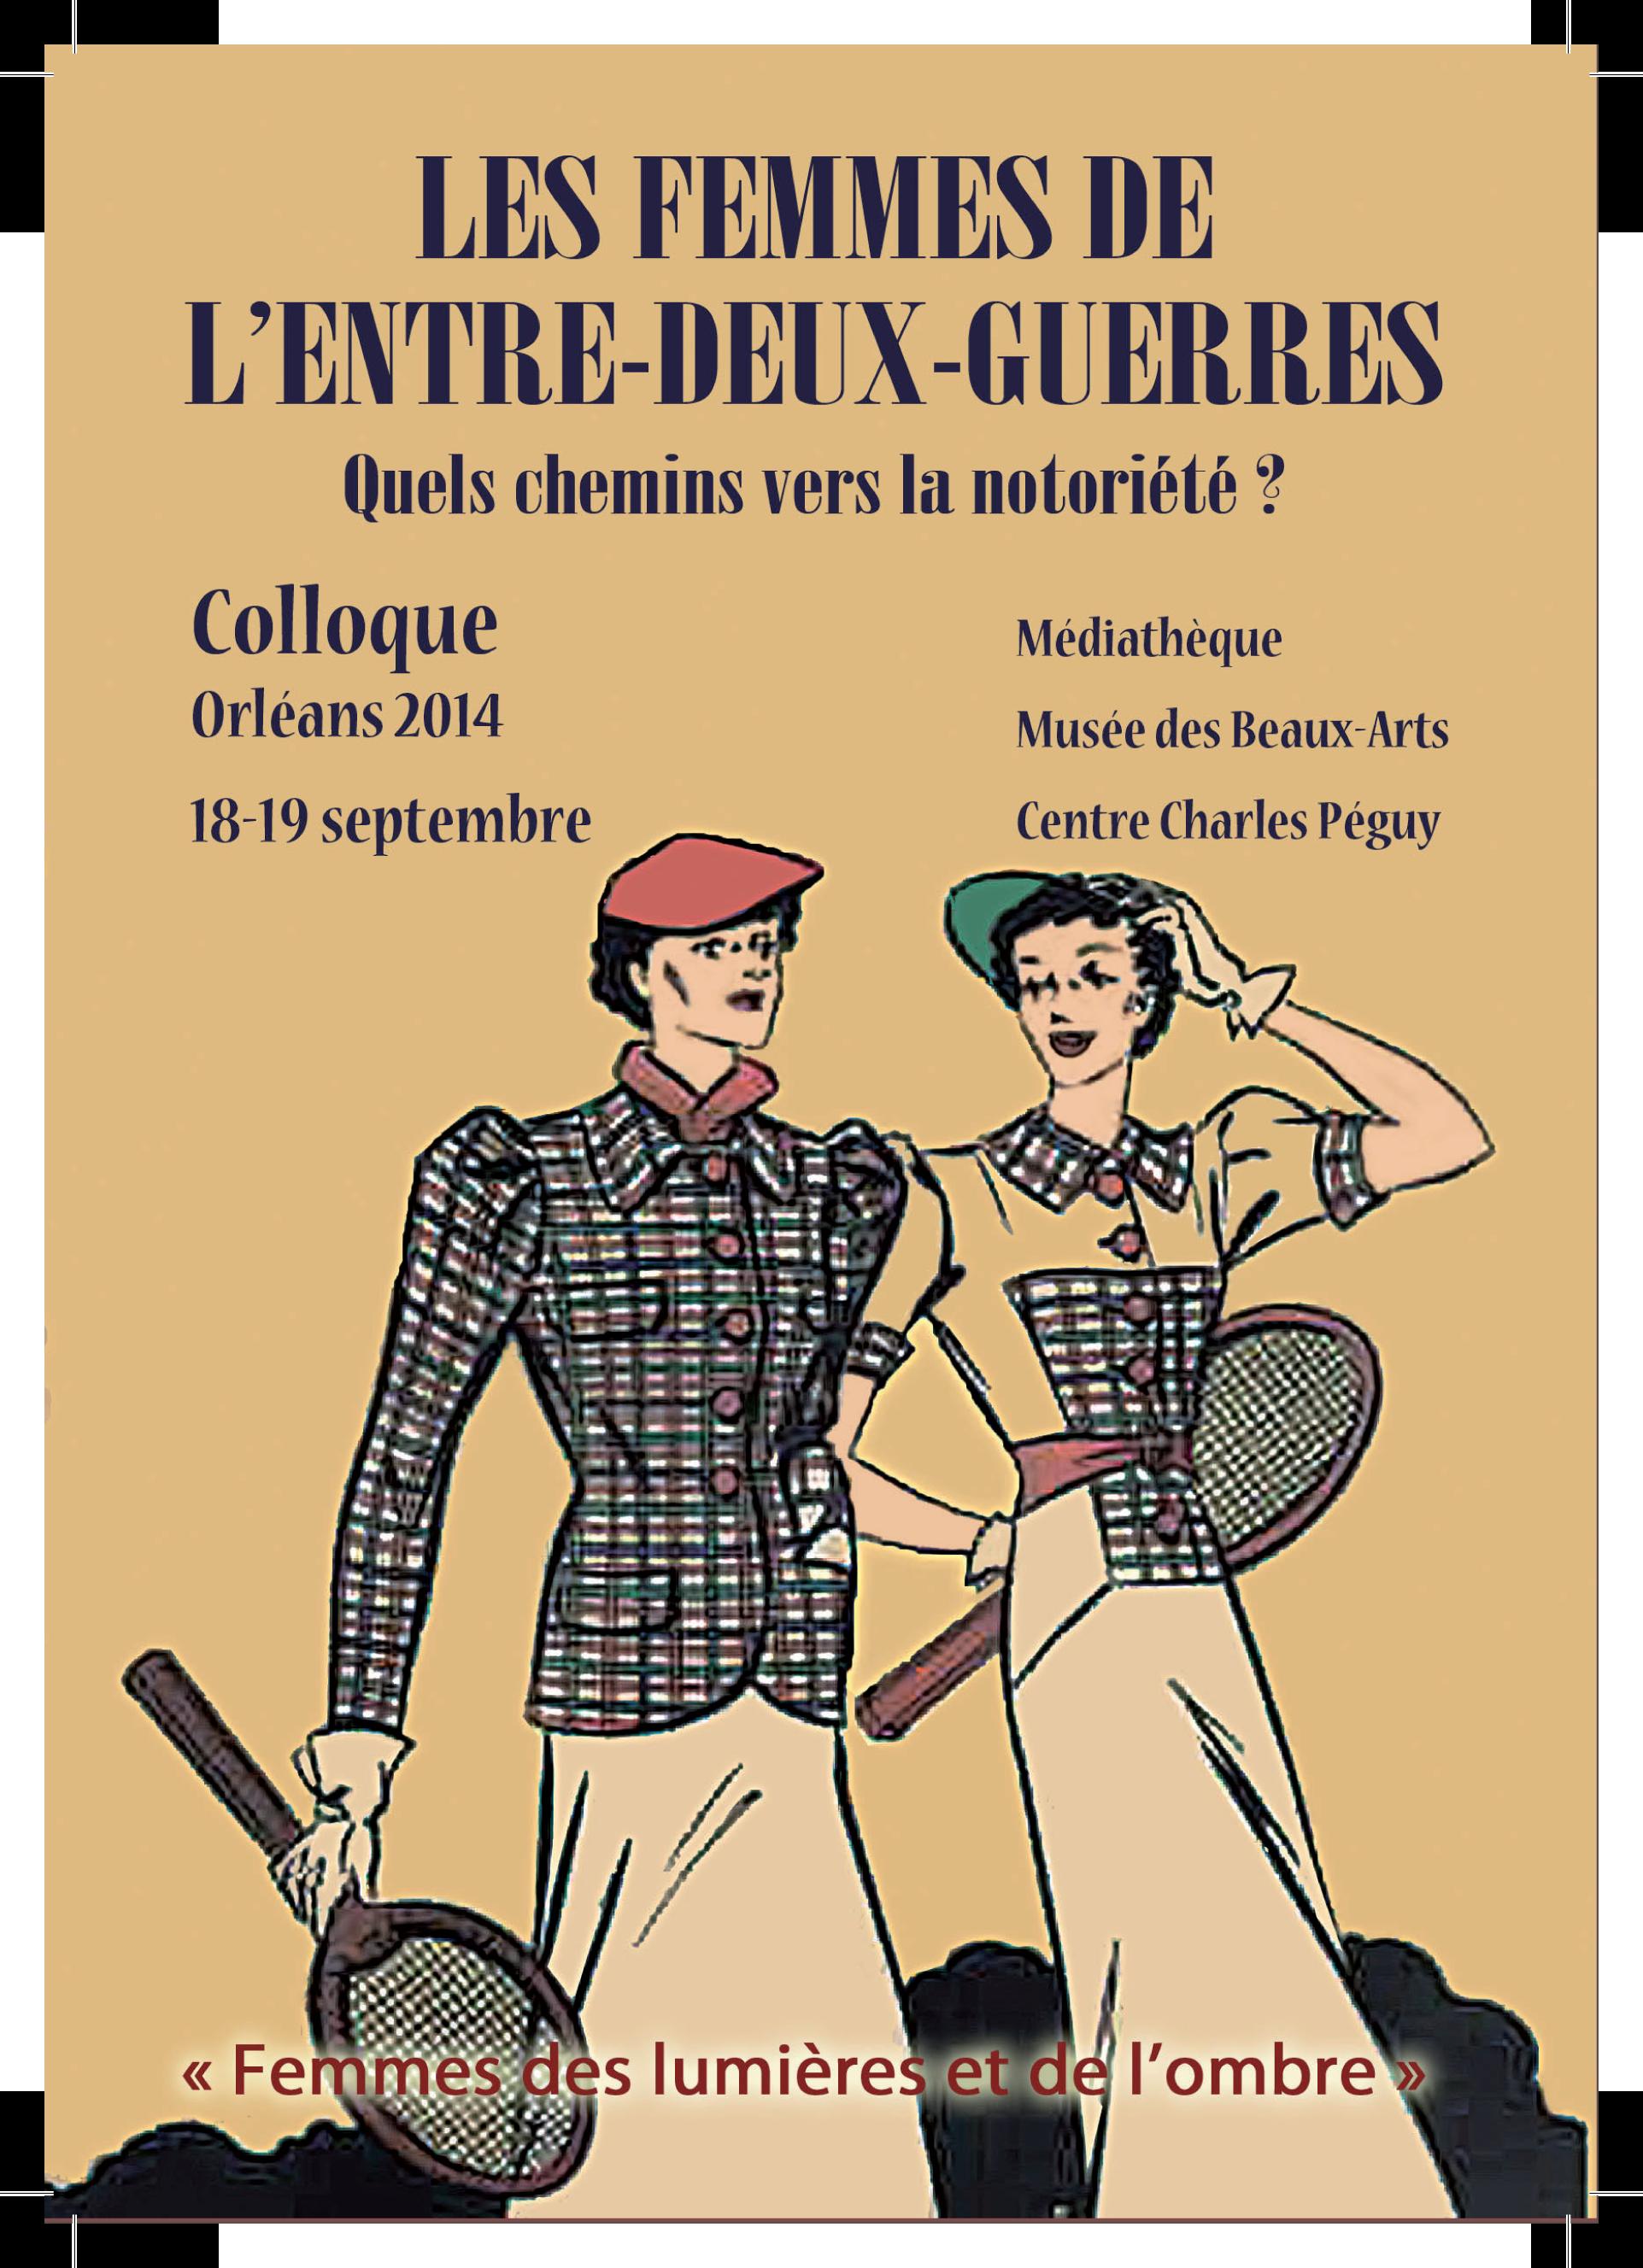 recherche 2eme femme Asnières-sur-Seine